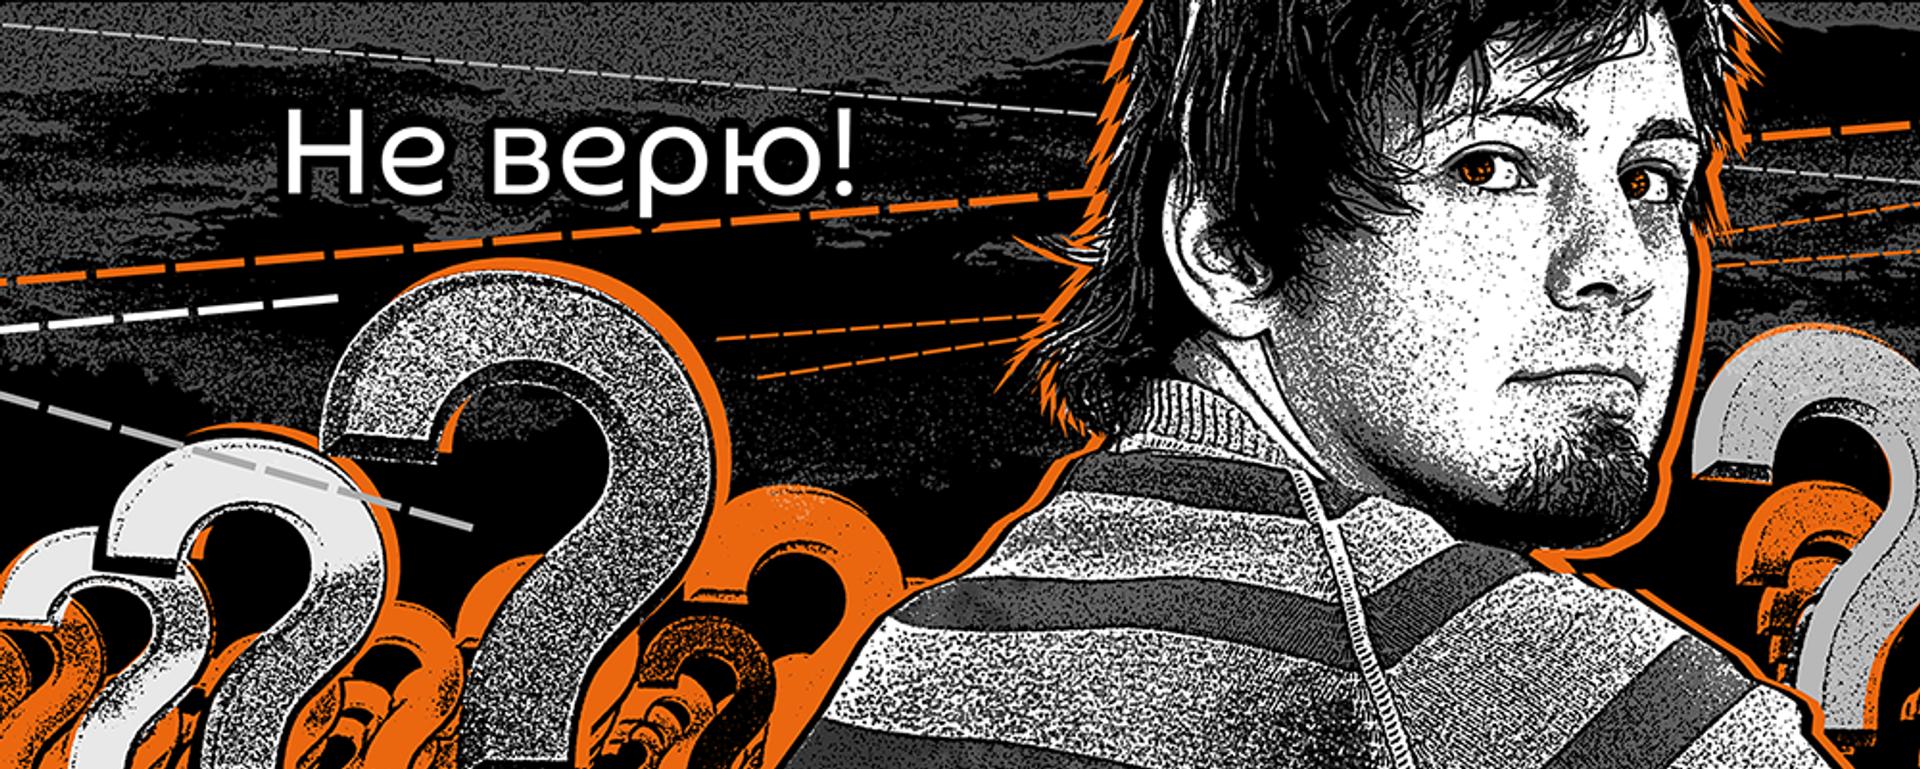 Не верю! - Sputnik Таджикистан, 1920, 26.12.2020